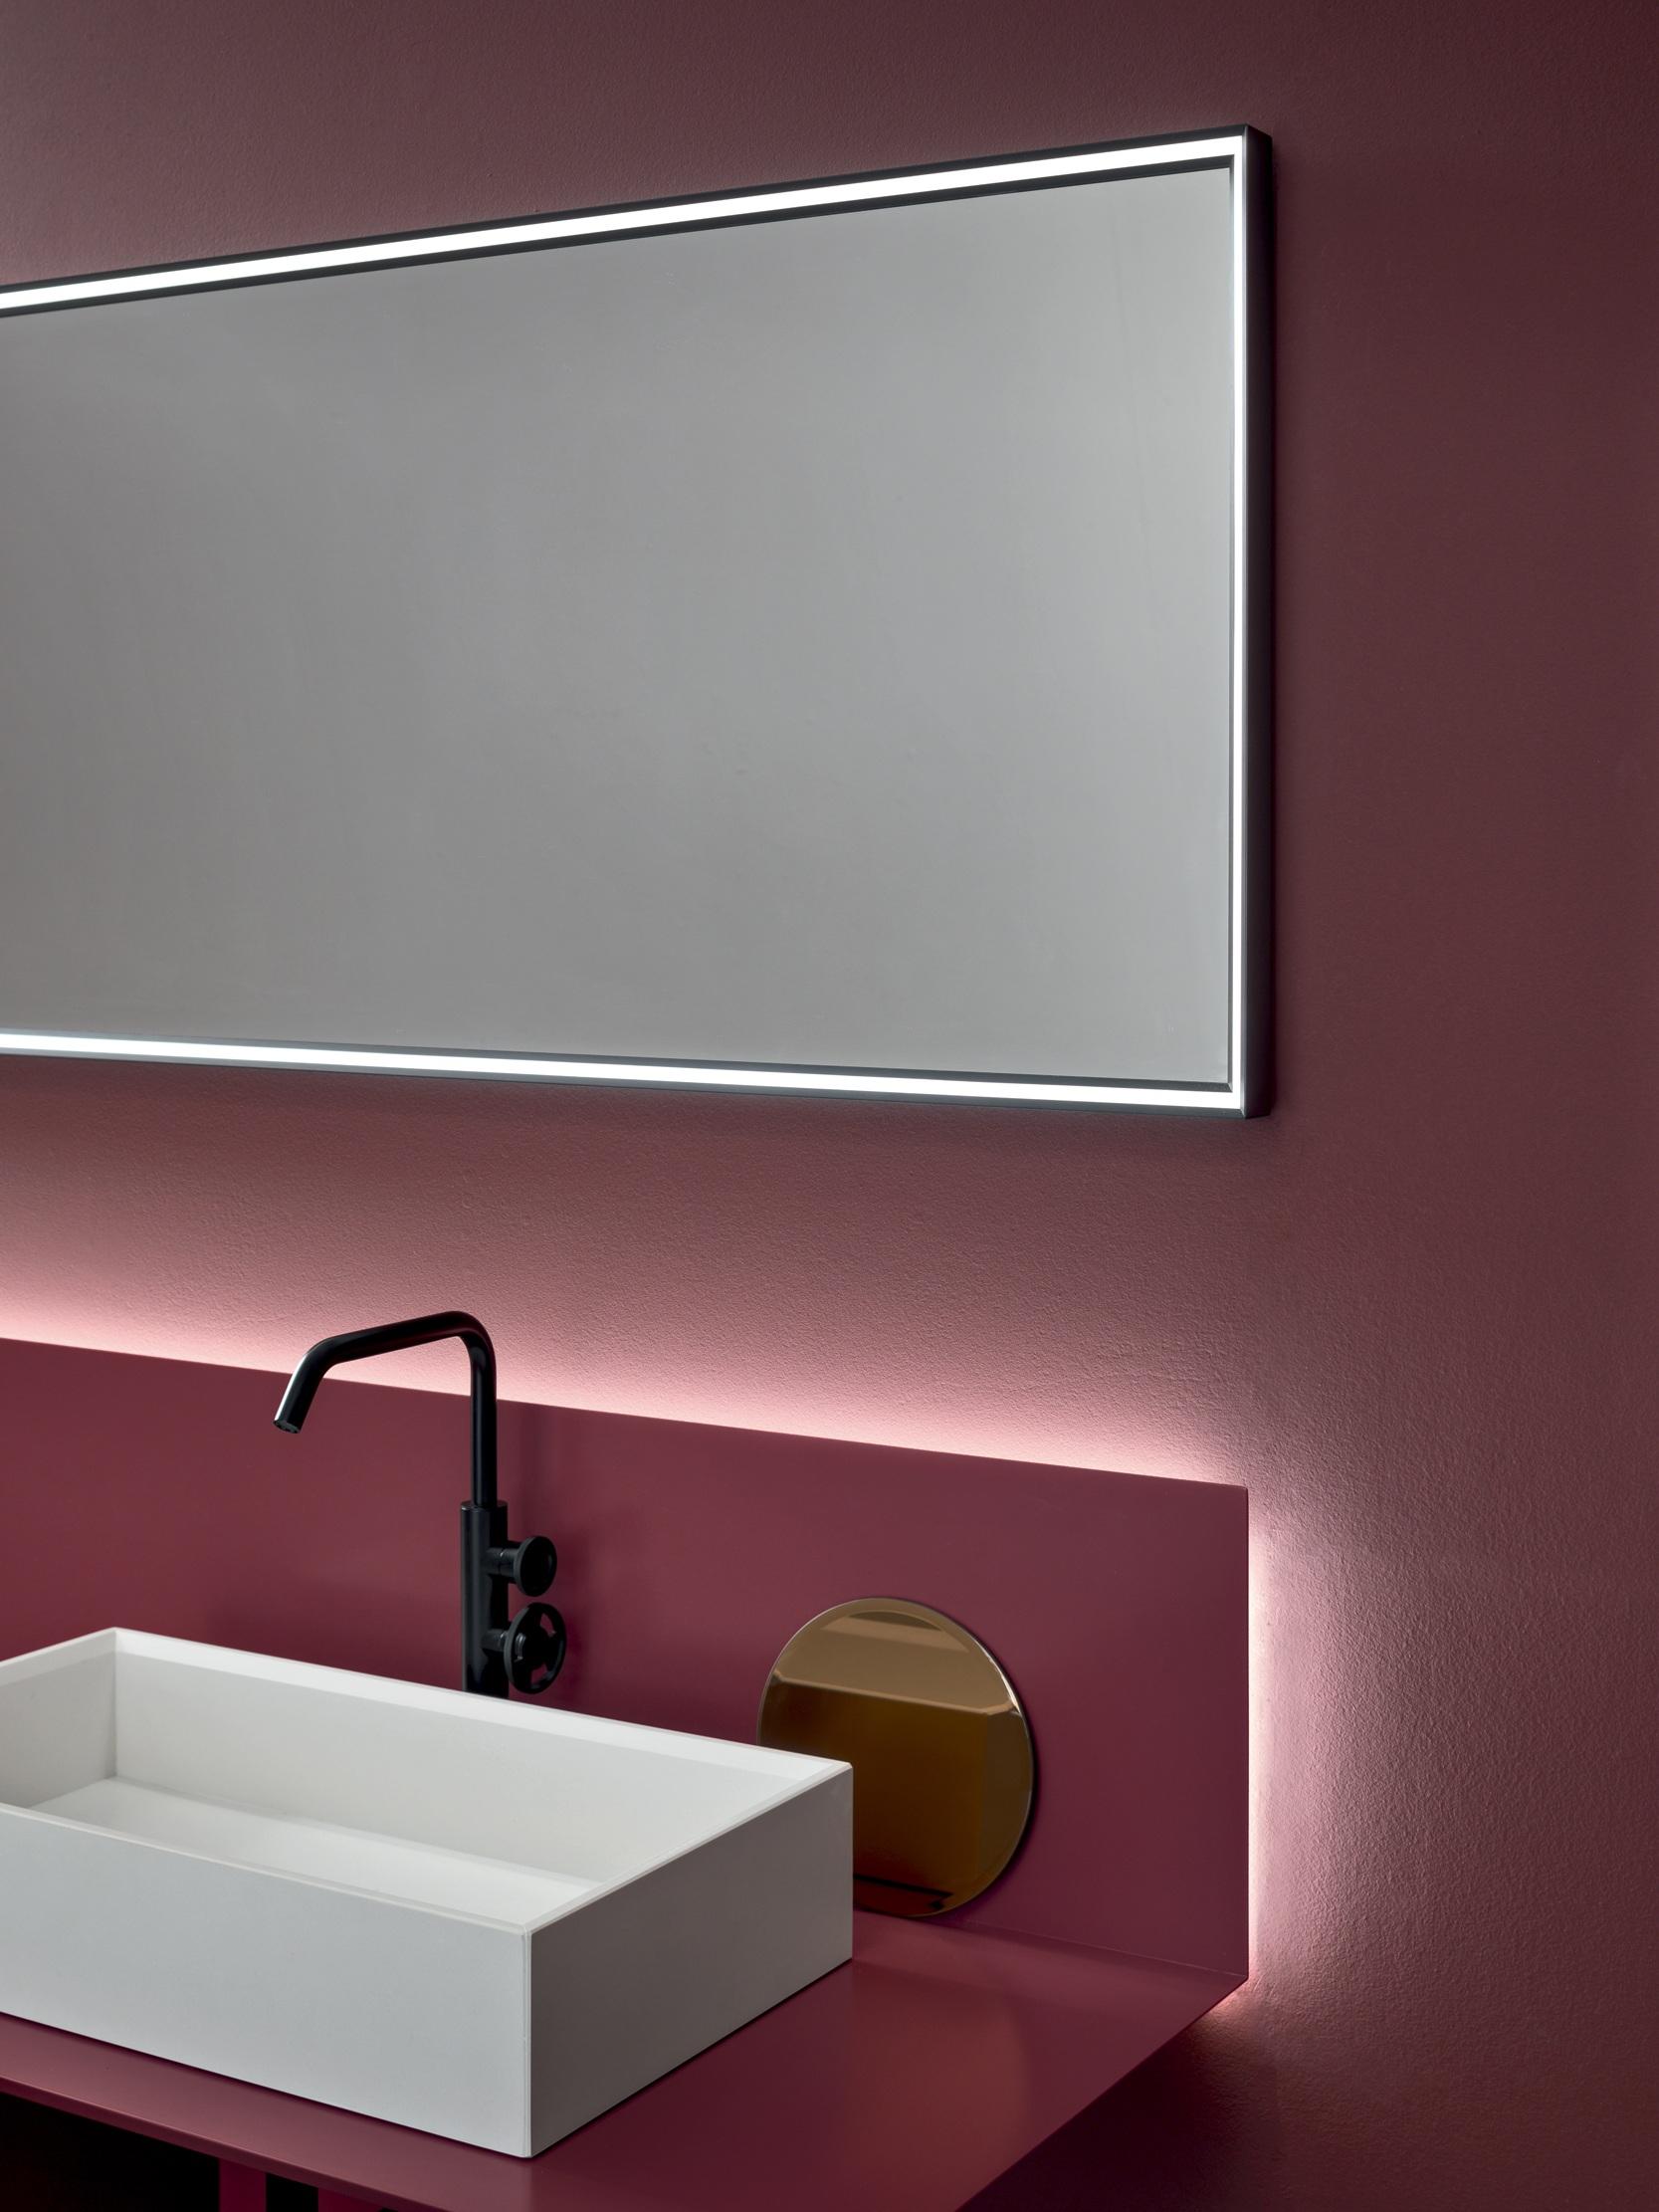 Luce di cortesia - Il piano più grande è dotato di una luce led perimetrale posta nella parte posteriore, che diventa una comoda luce di cortesia.